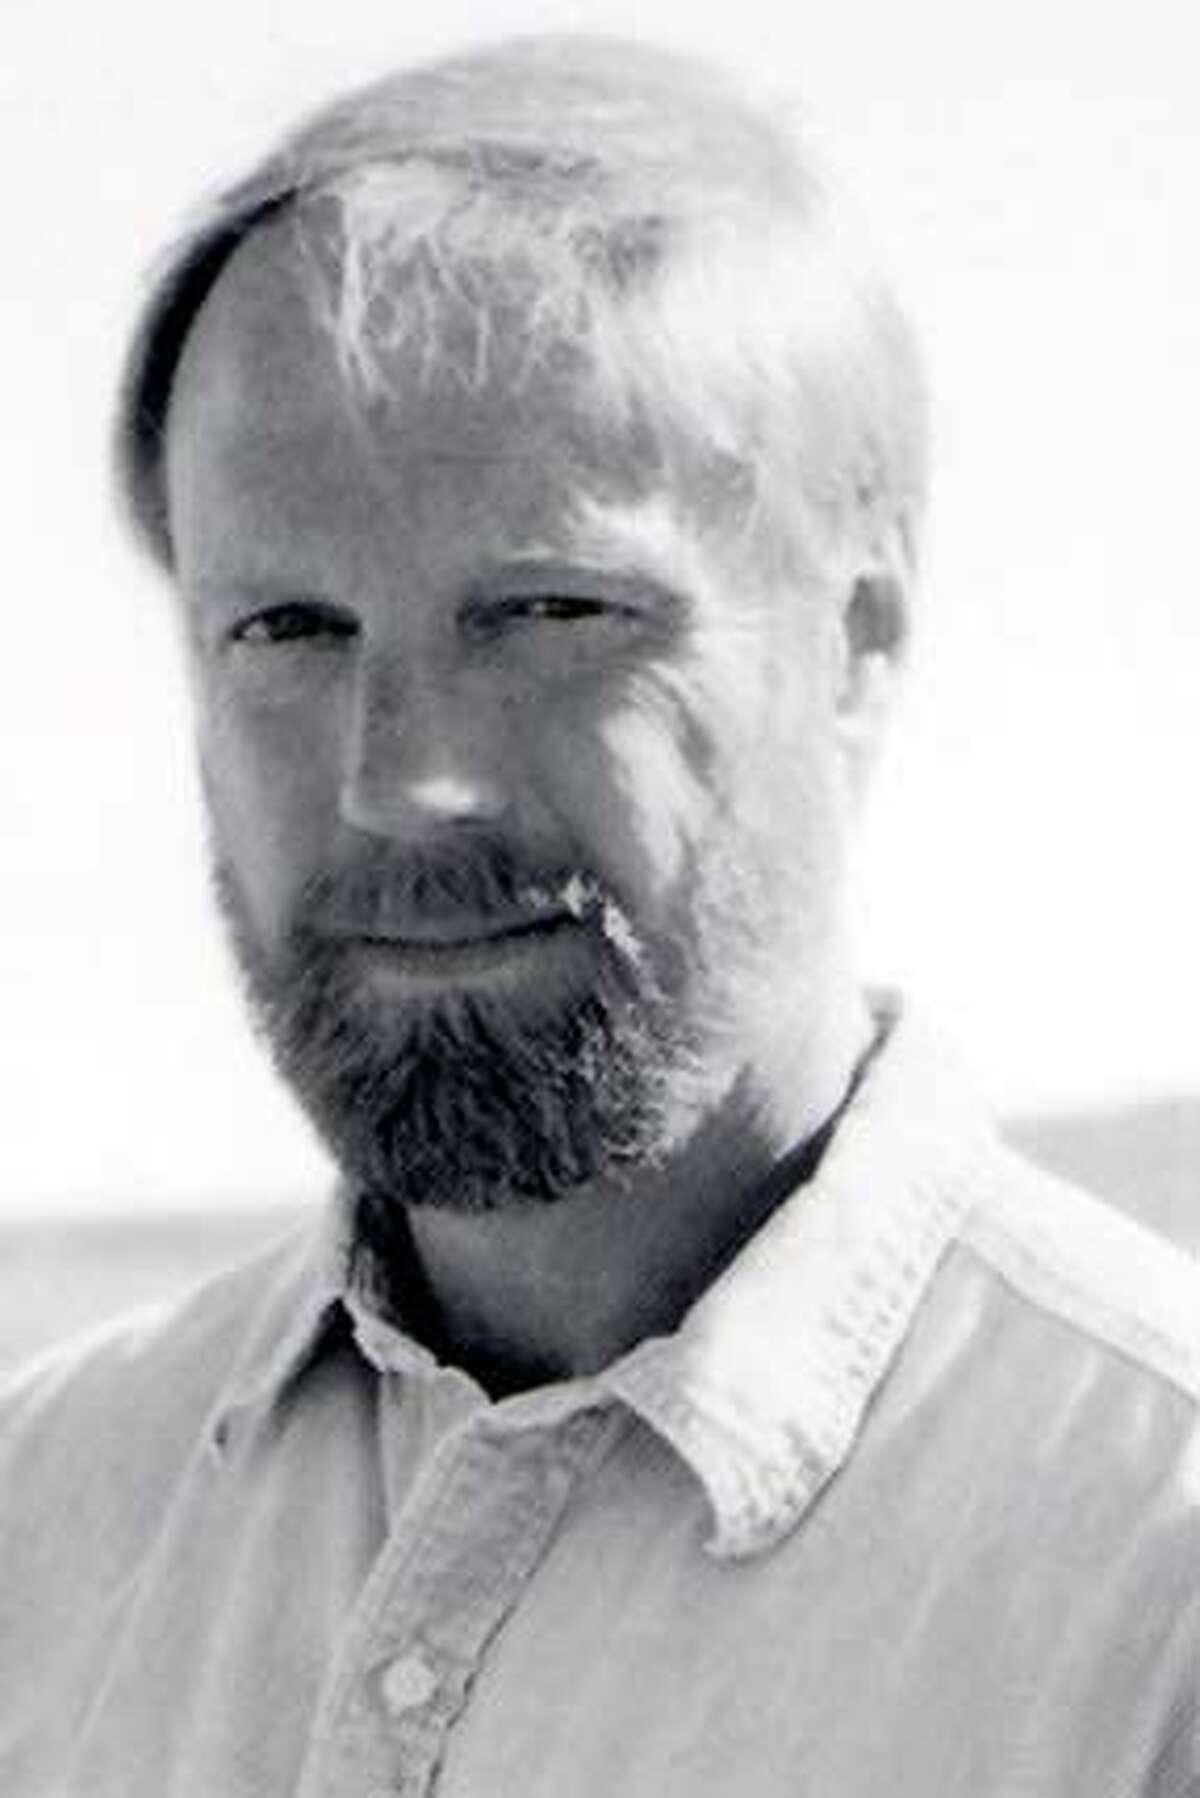 Mug shot of Mark Spragg author of Unfinished Life.